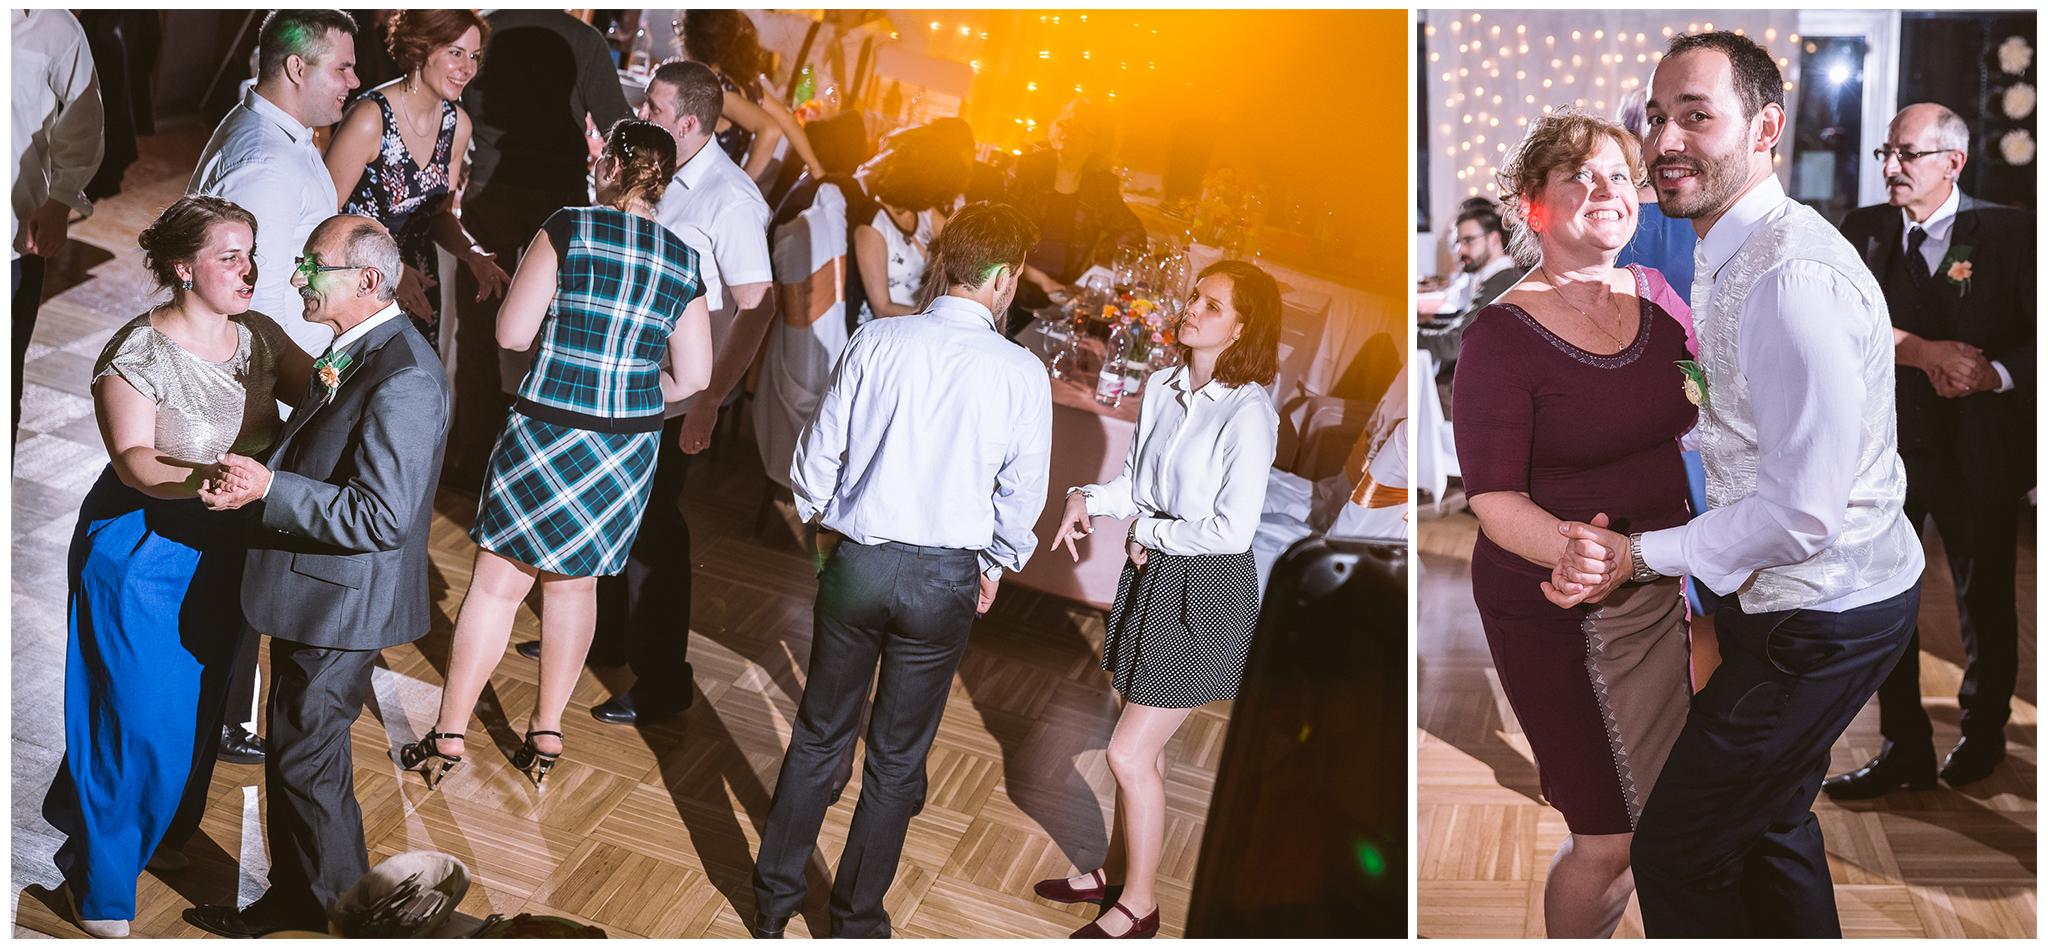 FylepPhoto, esküvőfotós, esküvői fotós Körmend, Szombathely, esküvőfotózás, magyarország, vas megye, prémium, jegyesfotózás, Fülöp Péter, körmend, kreatív, fotográfus_050.jpg